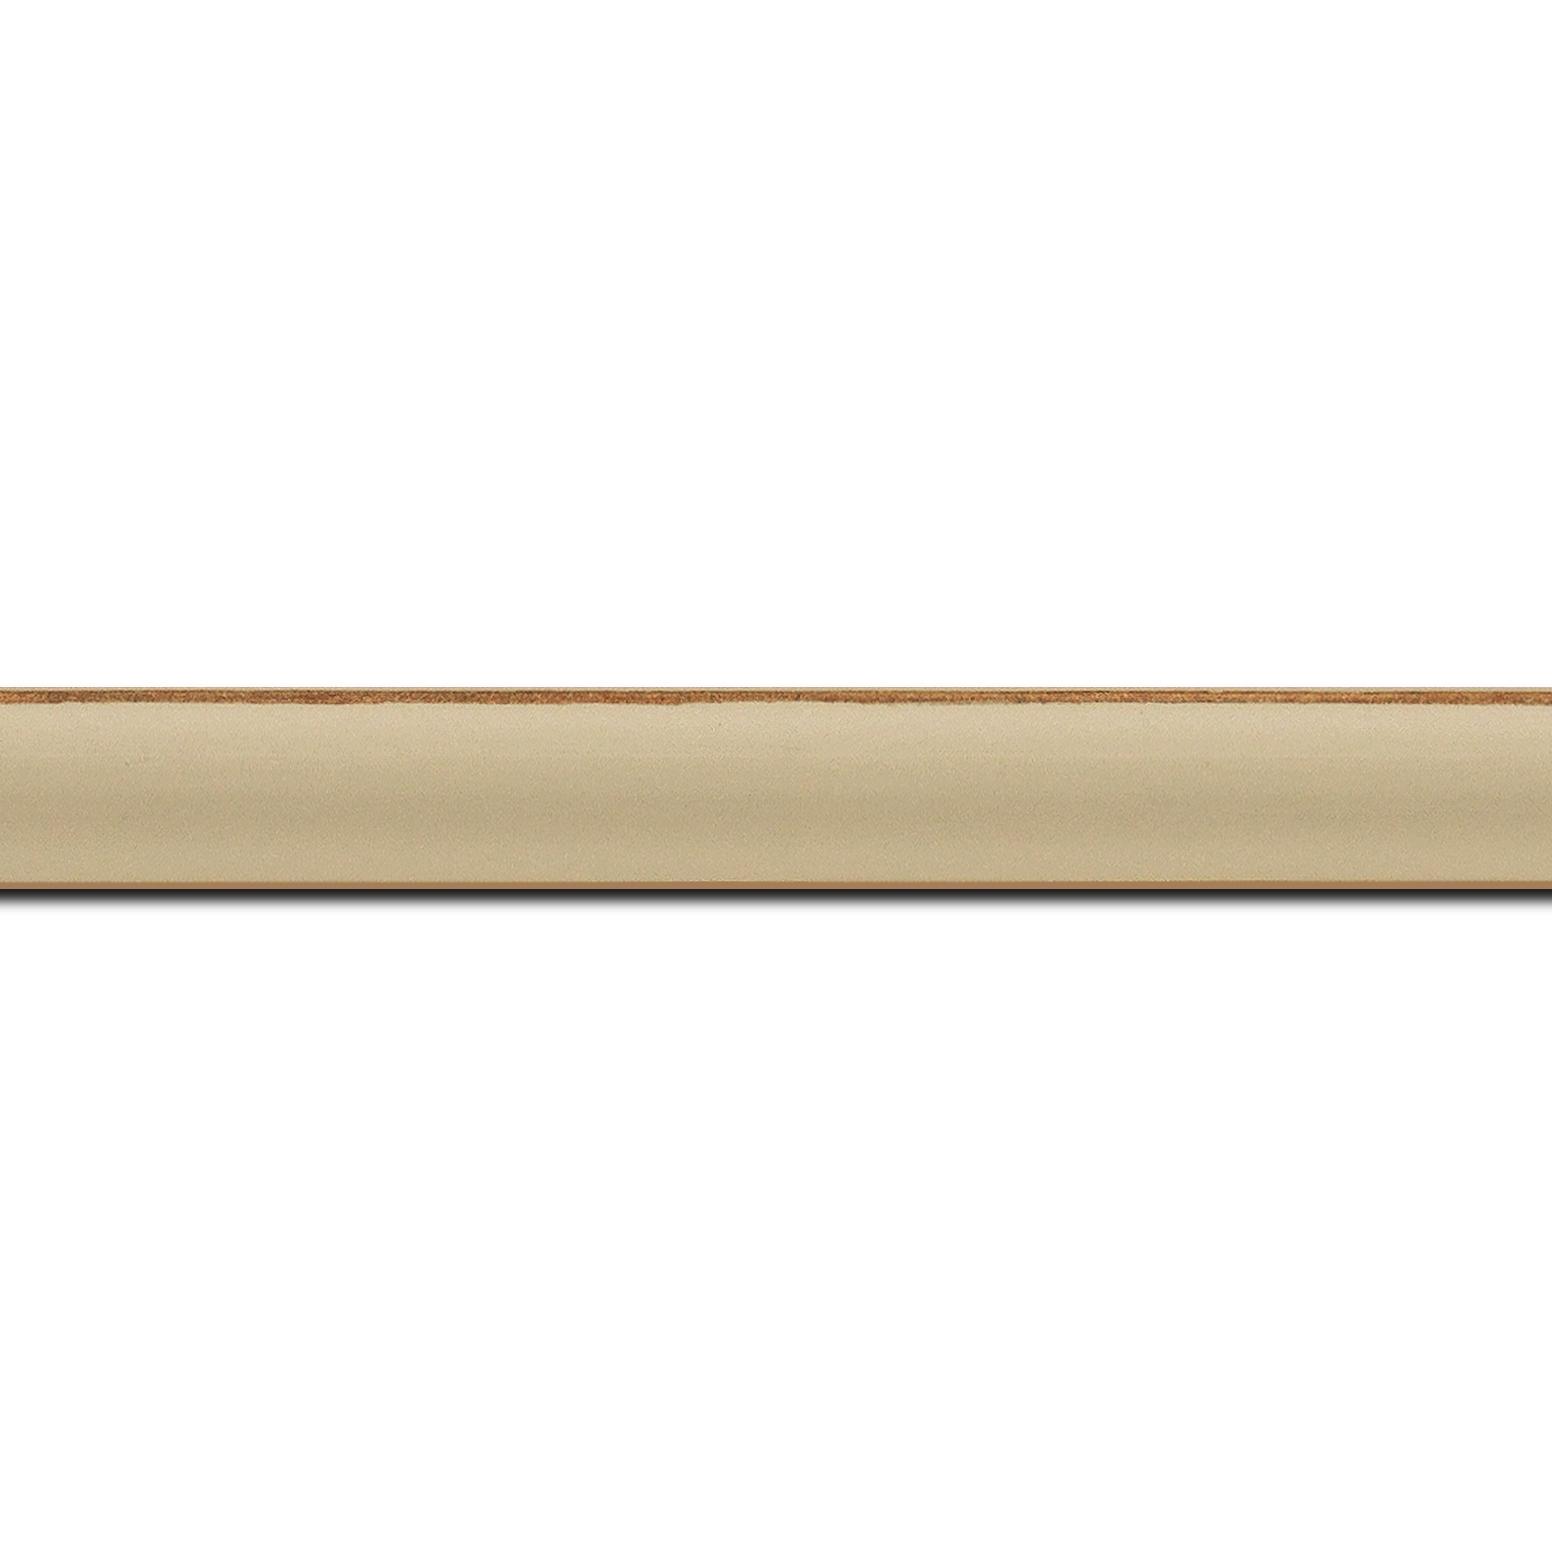 Baguette longueur 1.40m bois profil incurvé largeur 1.9cm couleur moka mat bord ressuyé